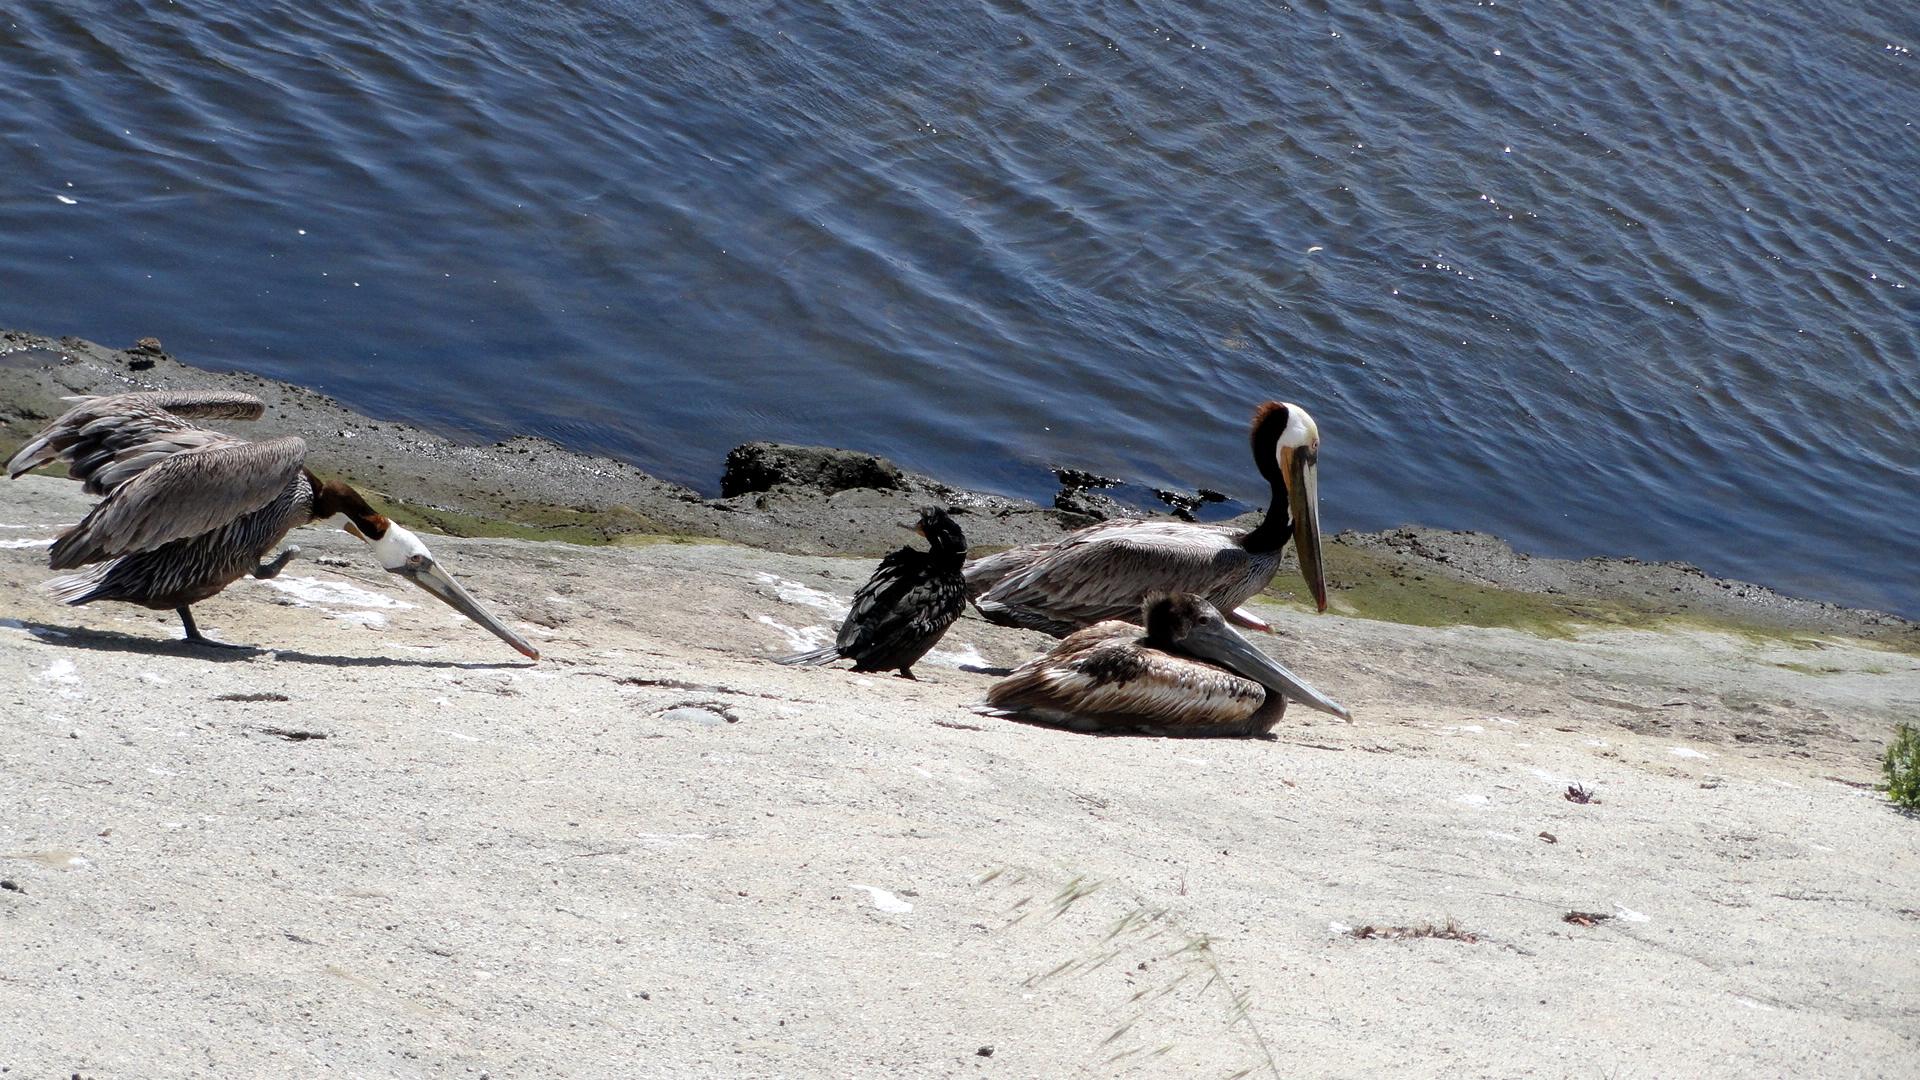 Ballona Creek - Pelicans